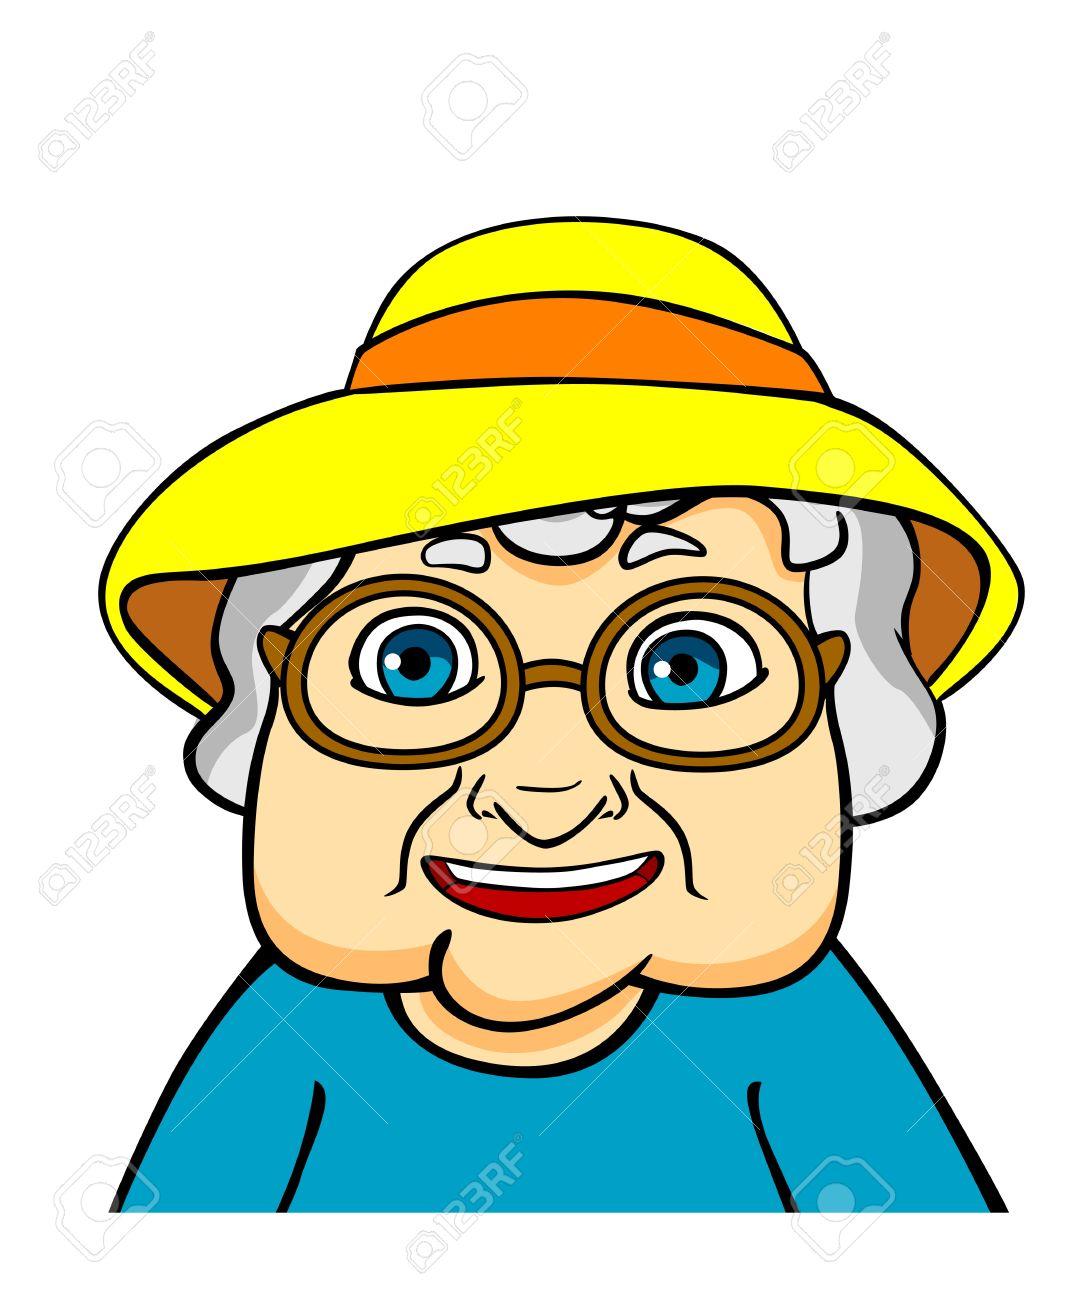 Frau mit brille clipart clip download Frau mit brille clipart - ClipartFest clip download